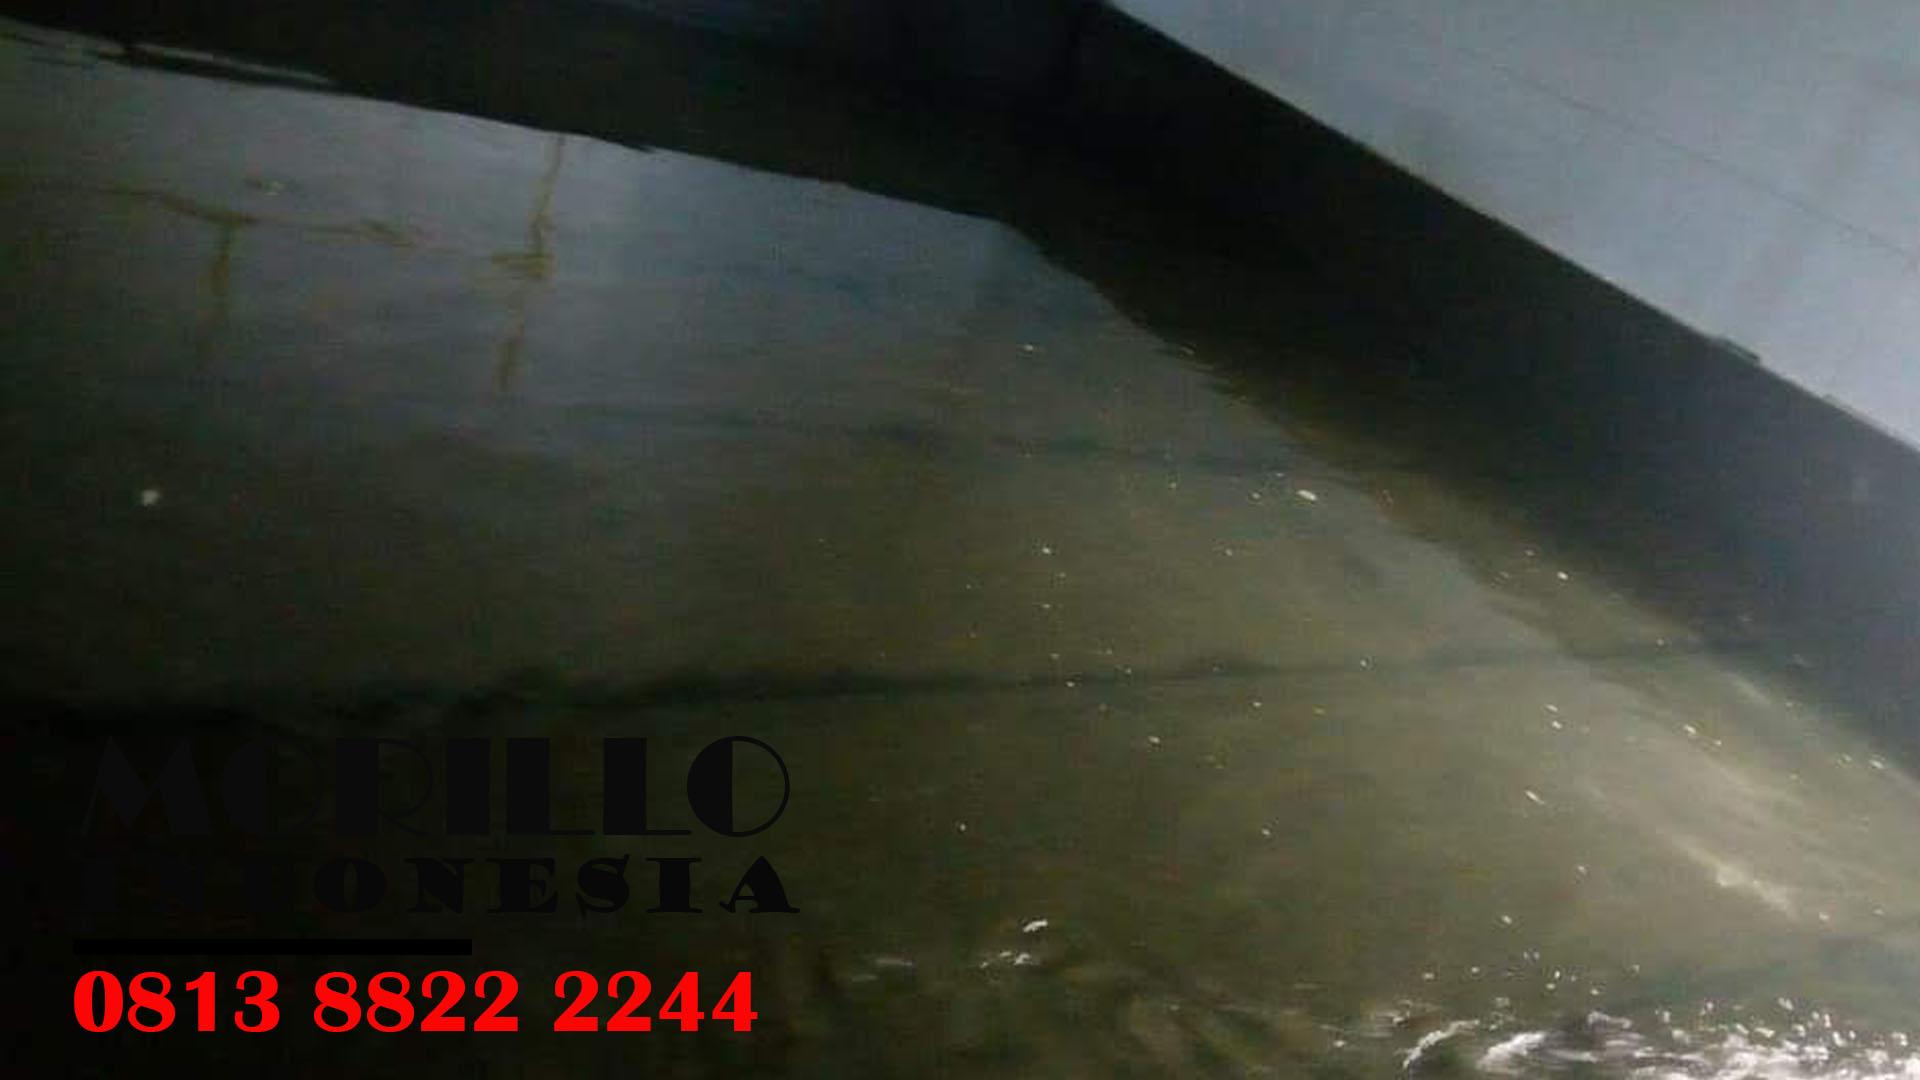 MEMBRAN BAKAR ASPAL di SAMARINDA TELEPON KAMI : 081388222244